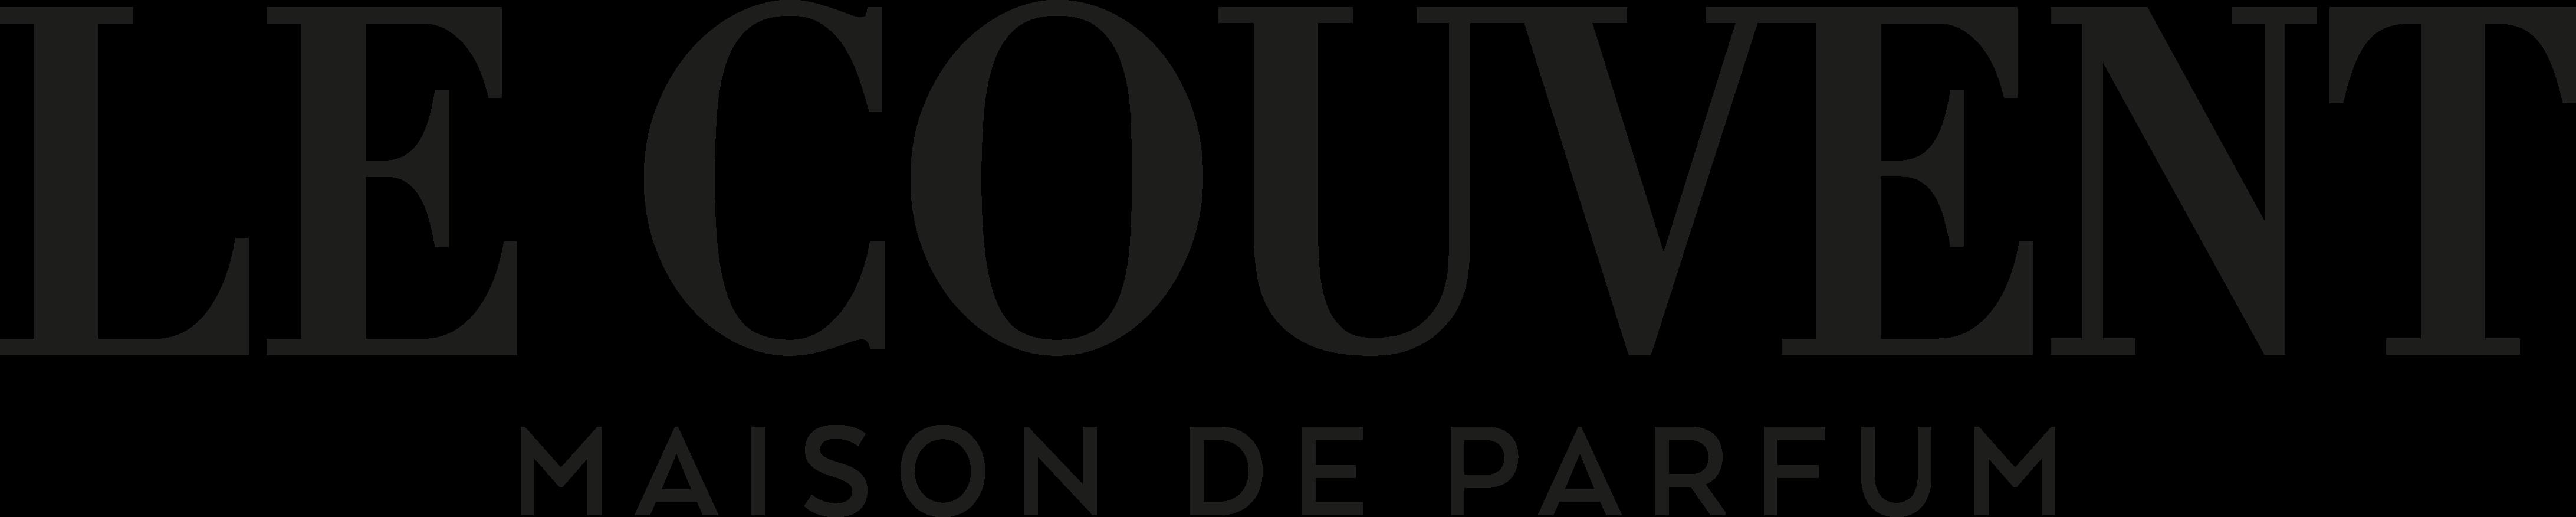 A Le Couvent Maison de Parfum márkáról